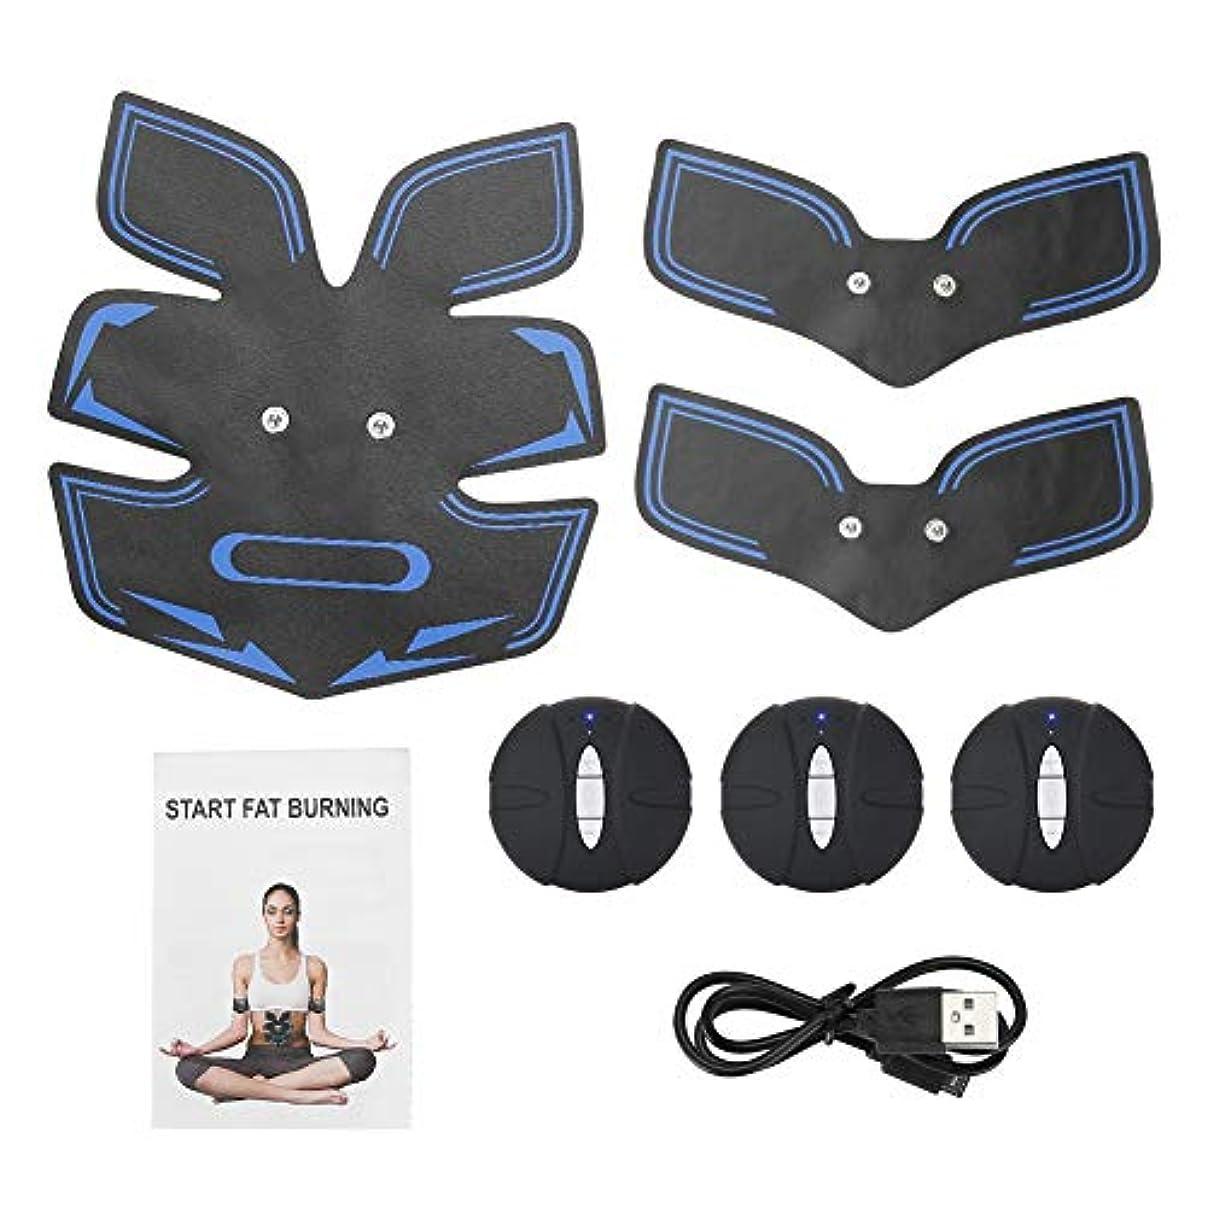 単位驚き外出電気筋肉装置、腹部のマッサージャーは女性および男性のための整形マッサージの効果を達成します